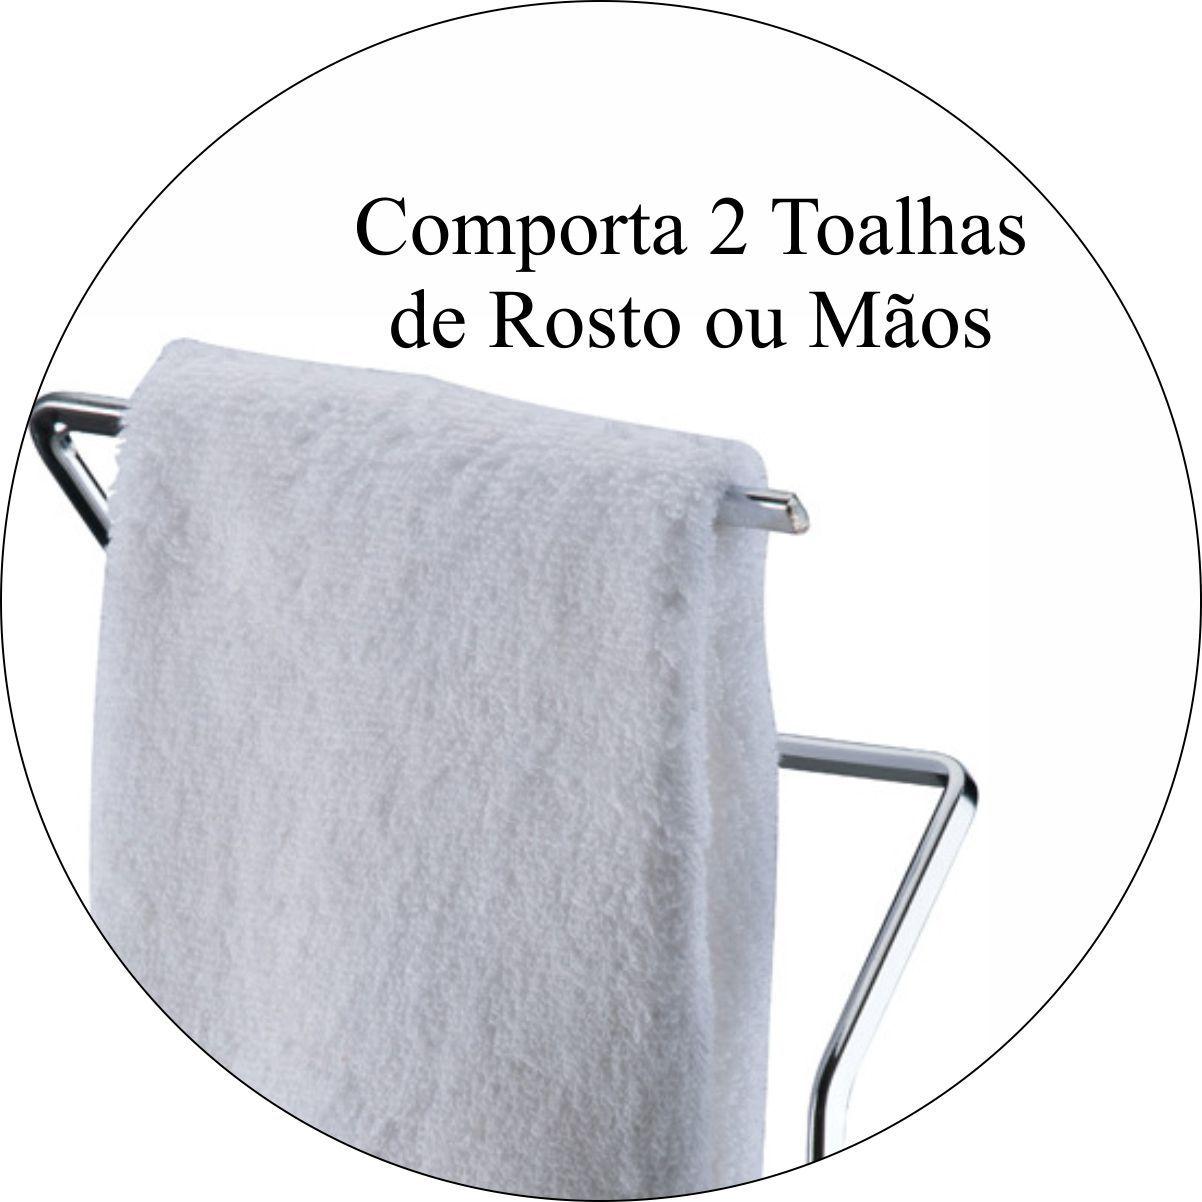 Toalheiro Porta Toalha De Rosto Para Bancada -  Aço Cromado